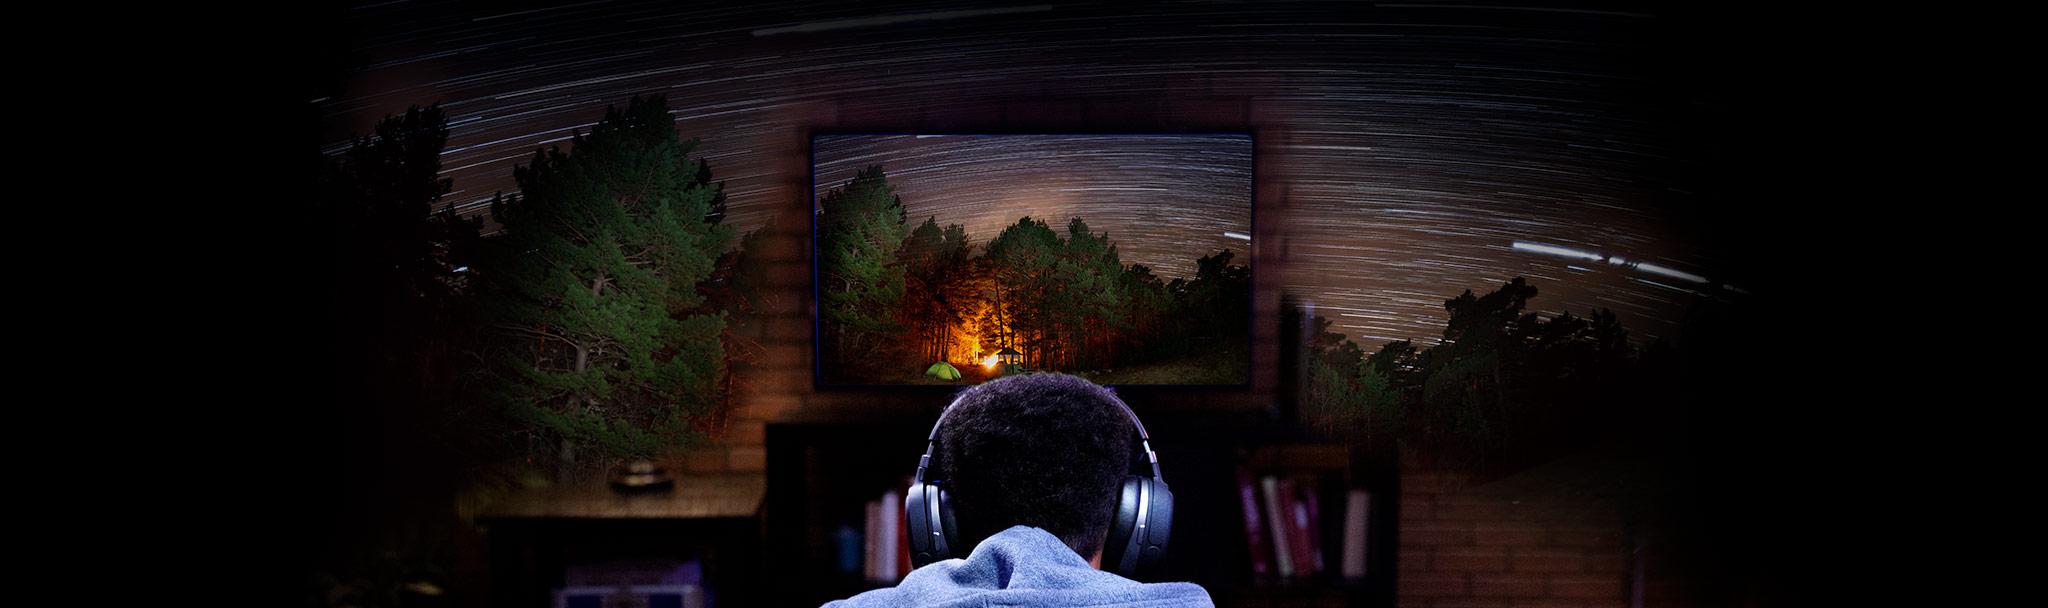 Tai nghe Kingston HyperX Cloud Orbit S Gaming Black (HX-HSCOS-GM/WW) trang bị công nghệ âm thanh 3D cao cấp